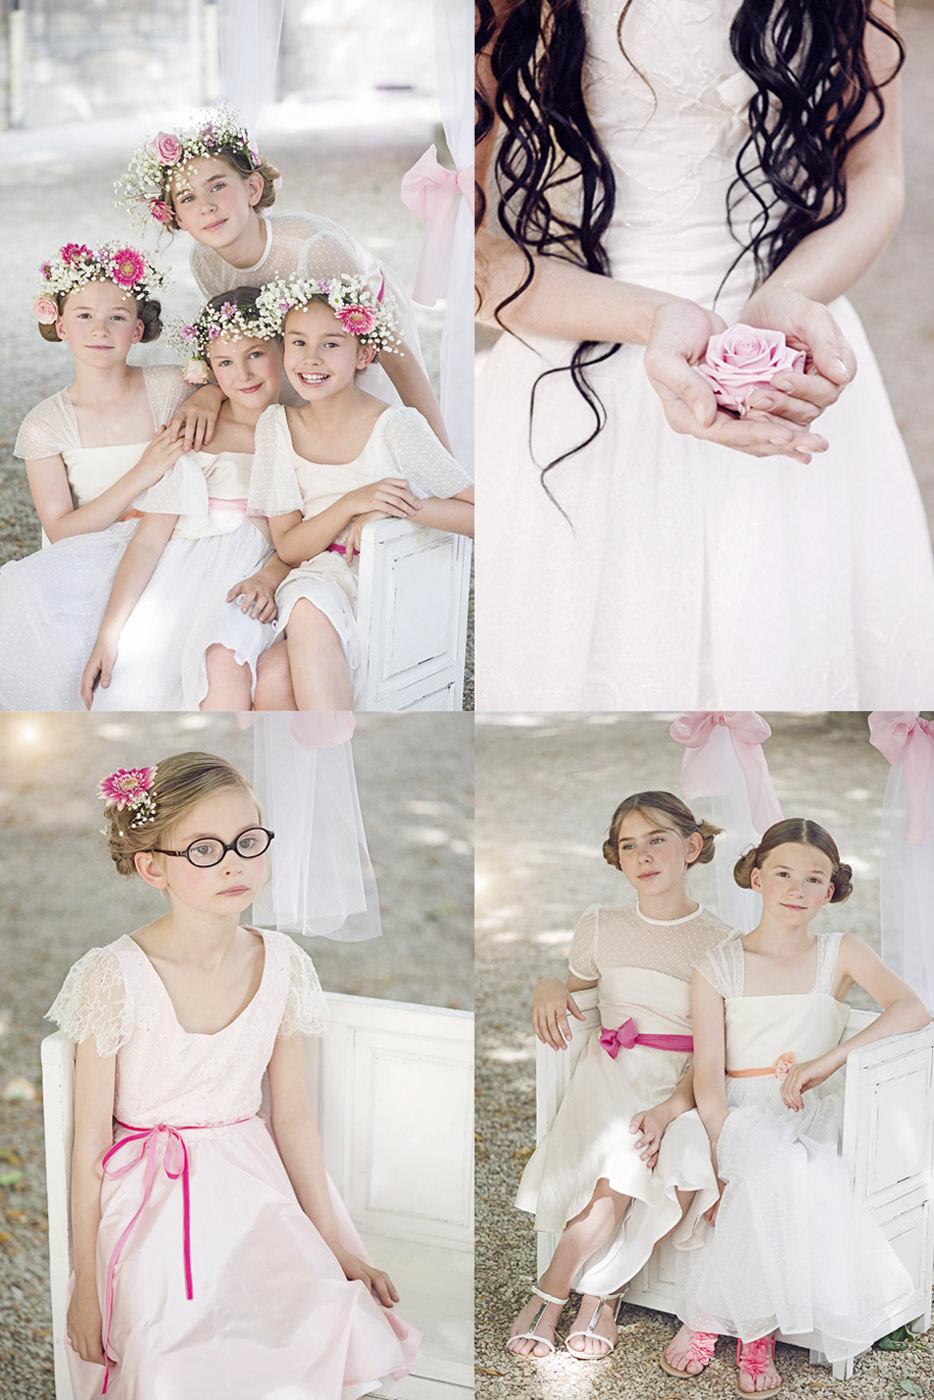 enfants photographie mariage